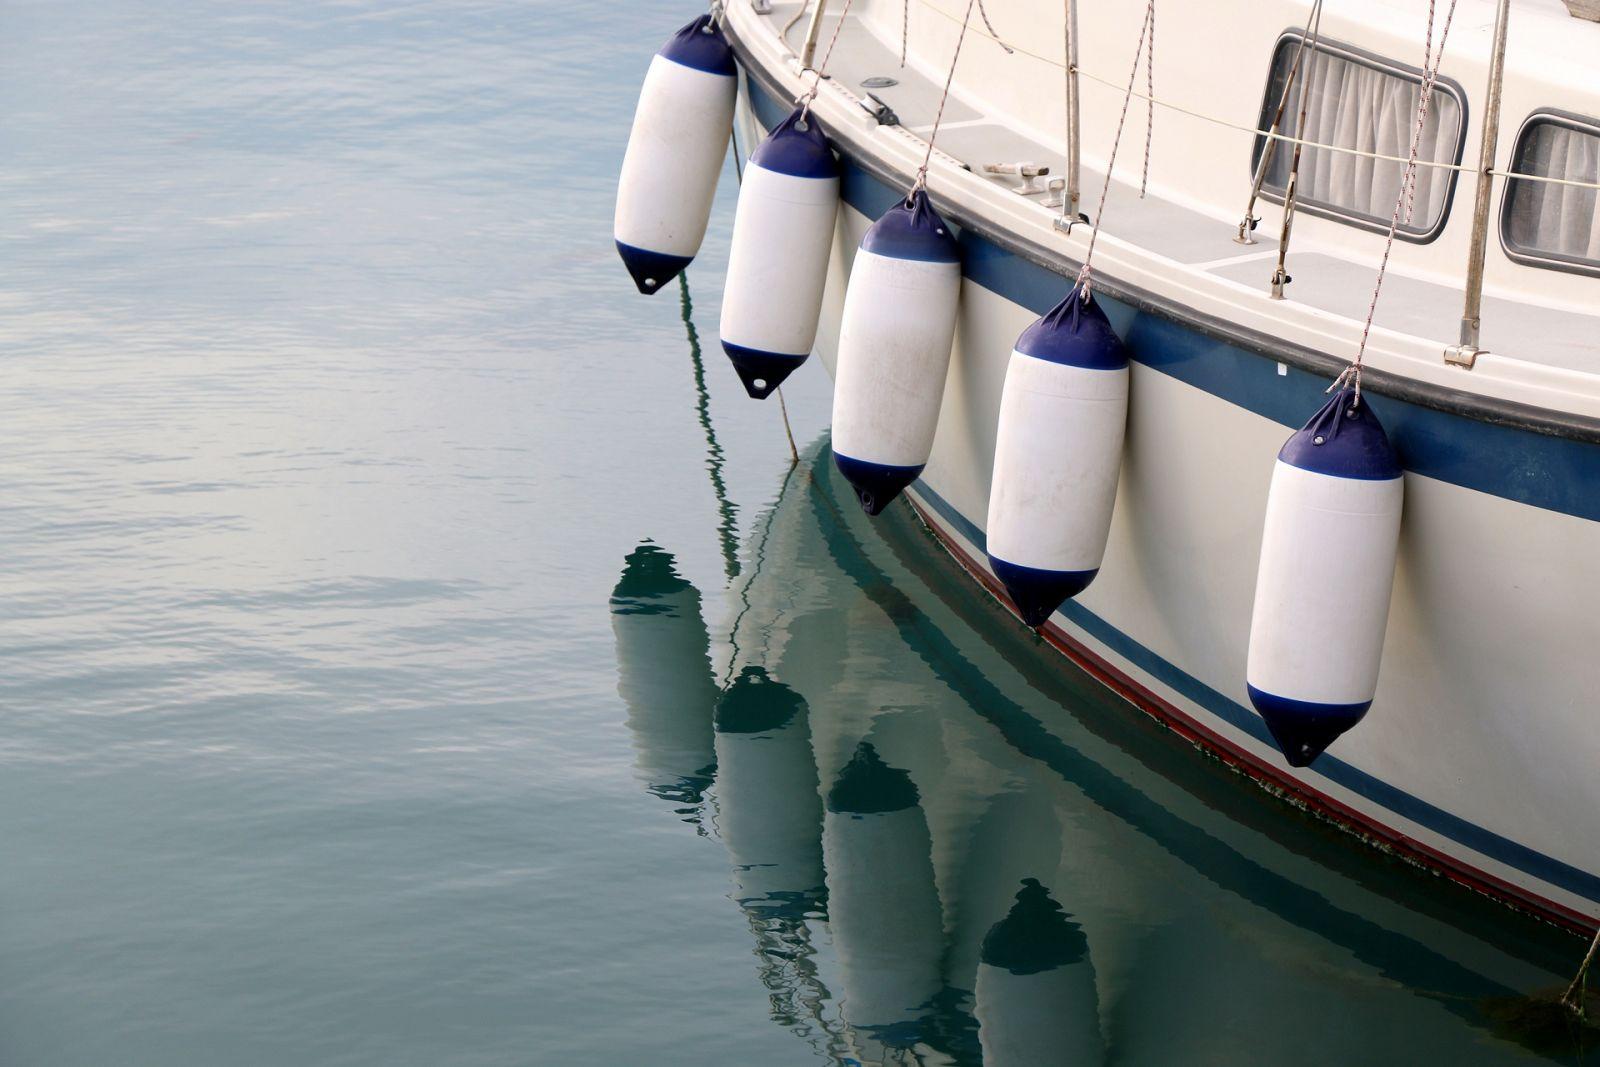 Fender schützen das Hausboot vor Stößen und sorgen für Abstand.  ©jelena990/AdobeStock